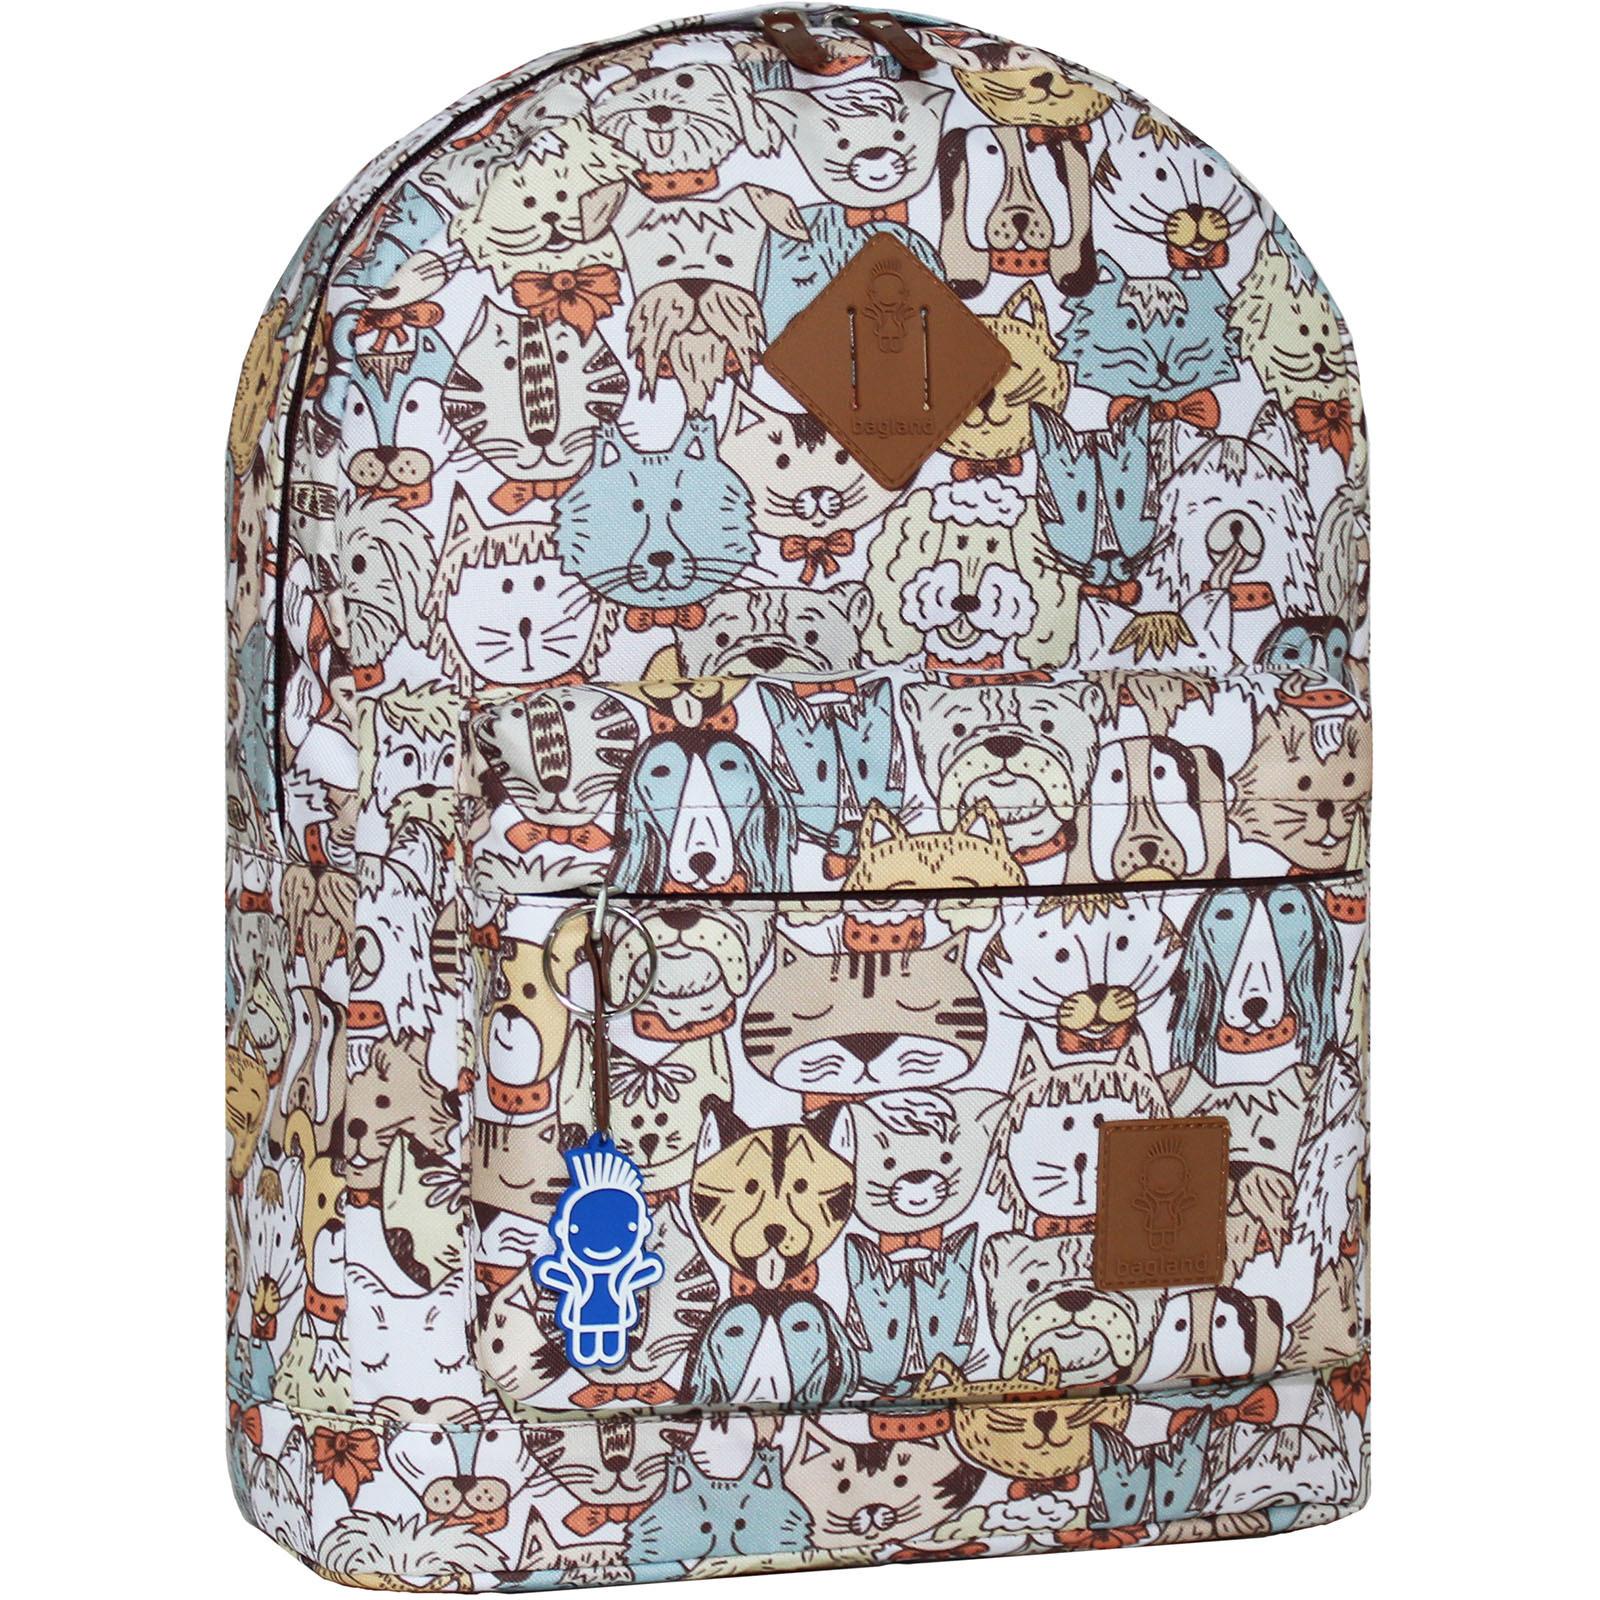 Городские рюкзаки Рюкзак Bagland Молодежный (дизайн) 17 л. сублімація 176 (00533664) IMG_2445.JPG